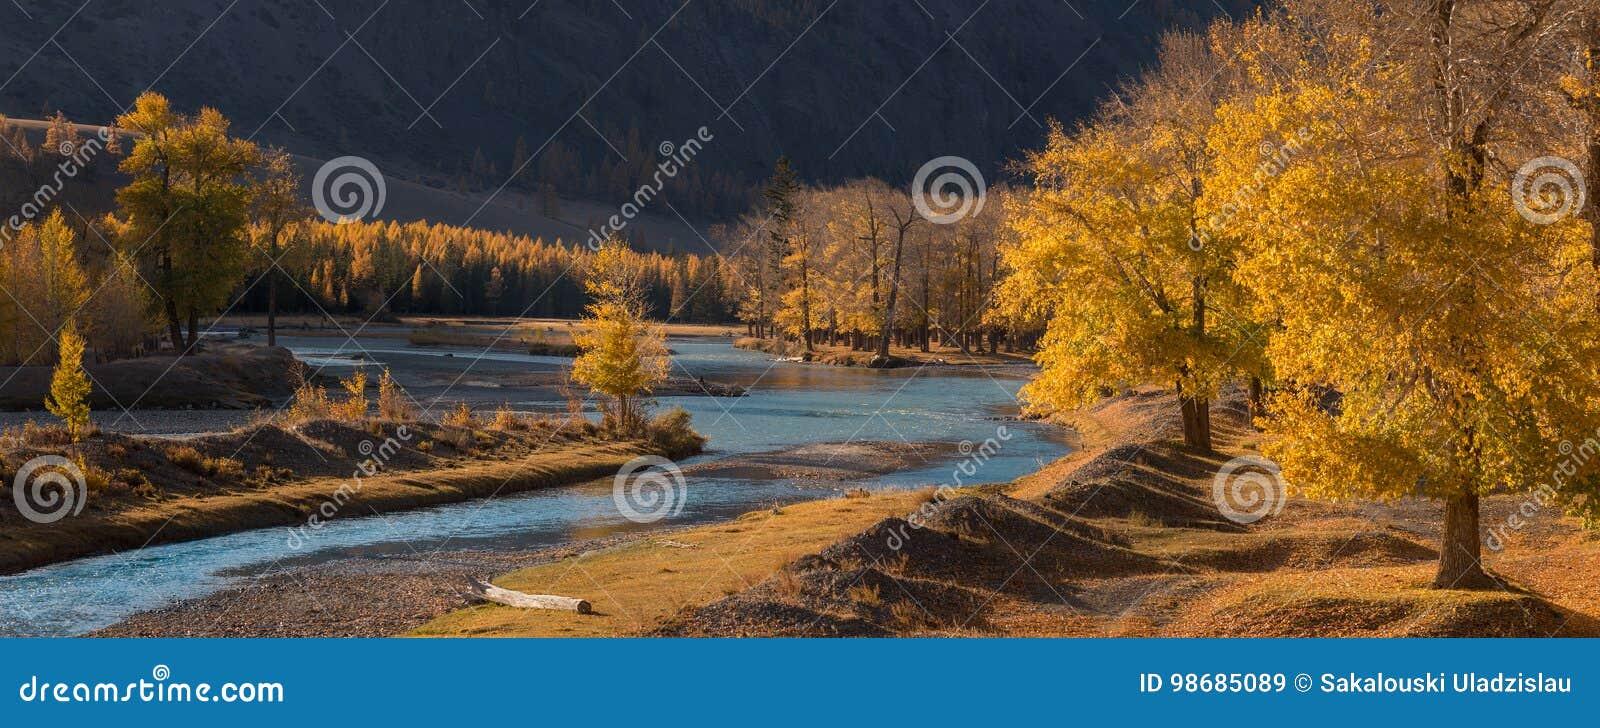 一个山谷,黄色落叶松属和白杨树树丛,升的秋天全景风景与鲜绿色河的在太阳之前 秋天森林W